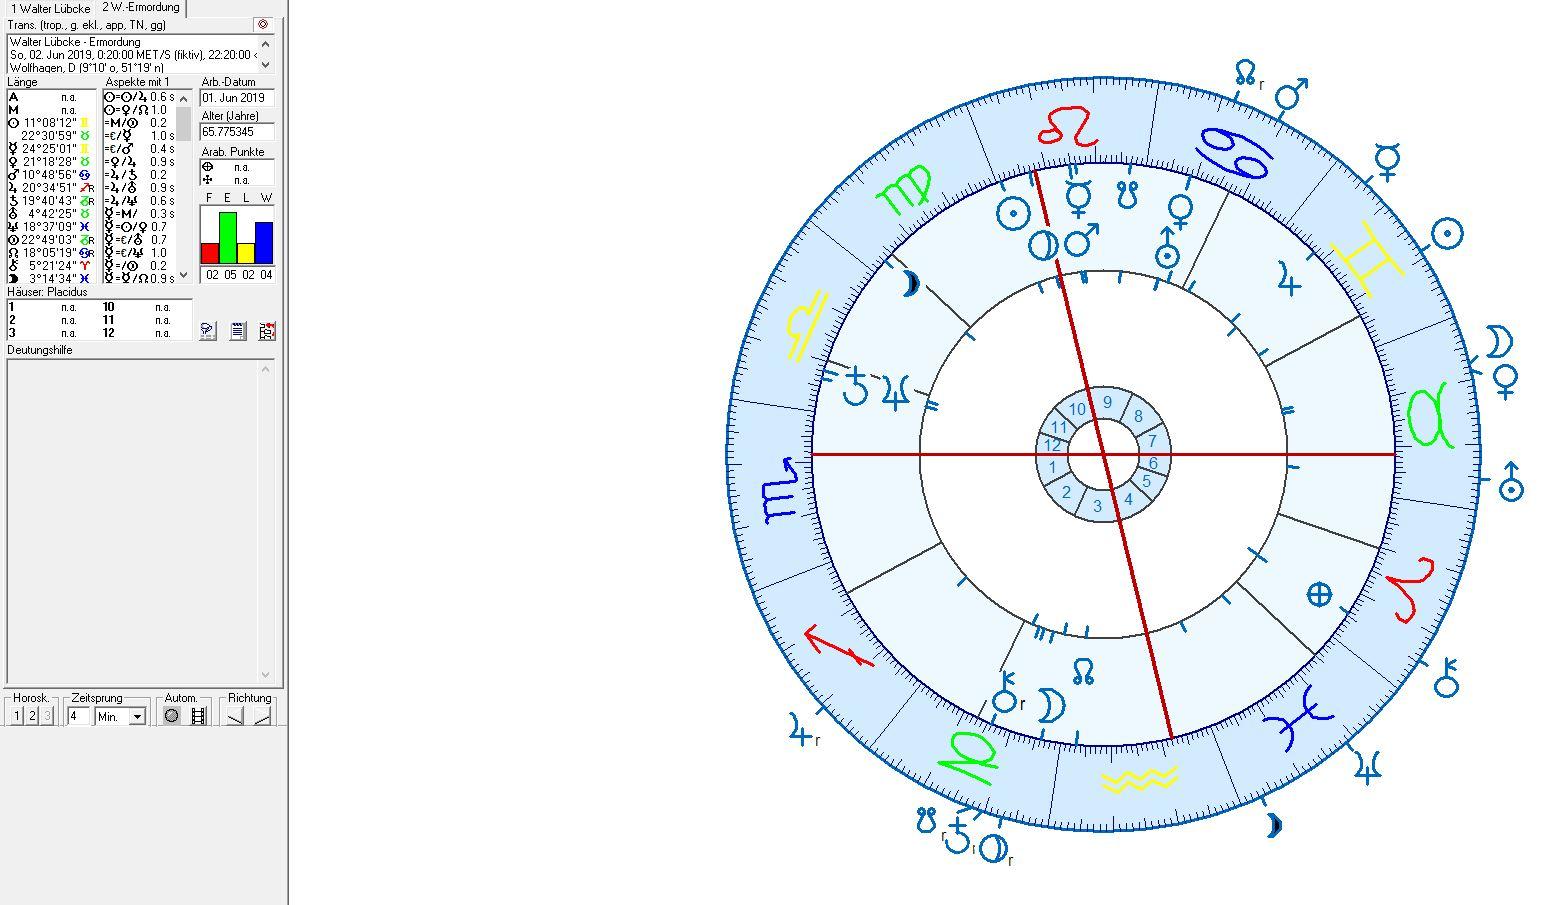 Die Ermordung von Walter Lübcke – astrologische Daten